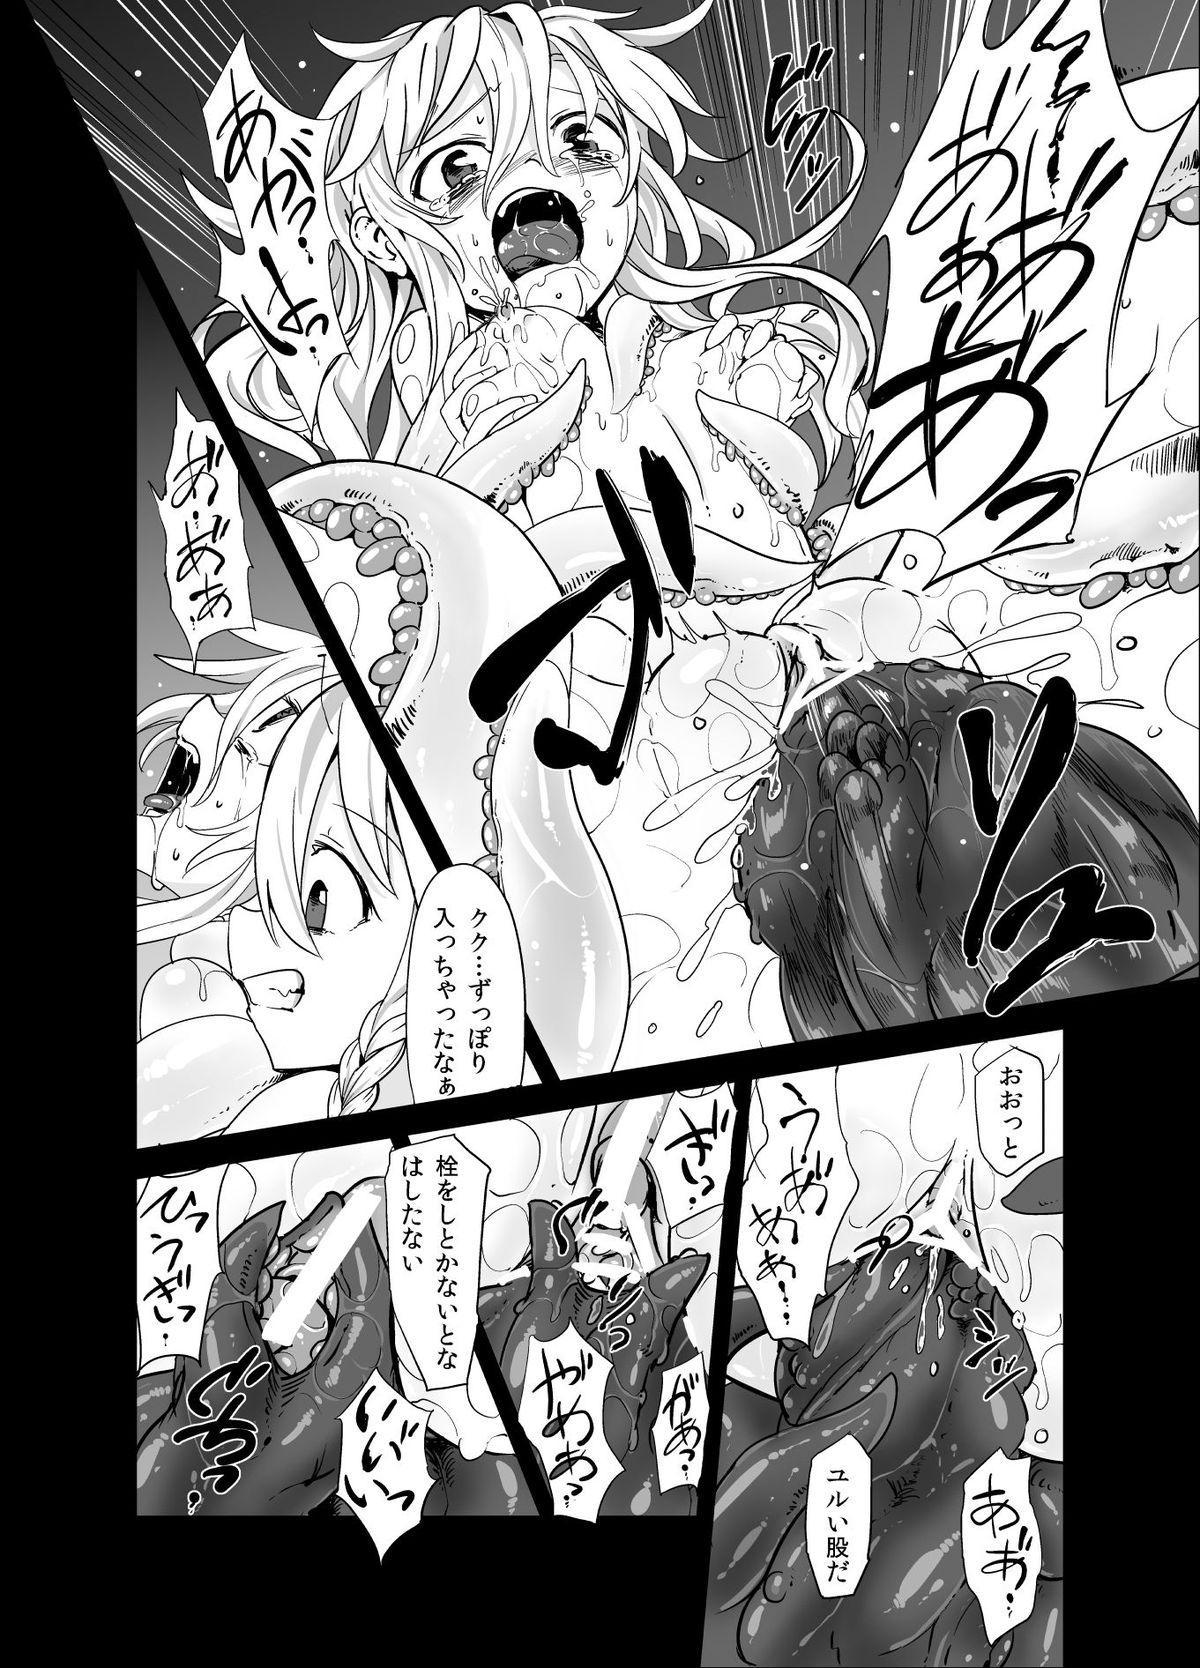 Marisa ga Mori de Shokushu ni San 16